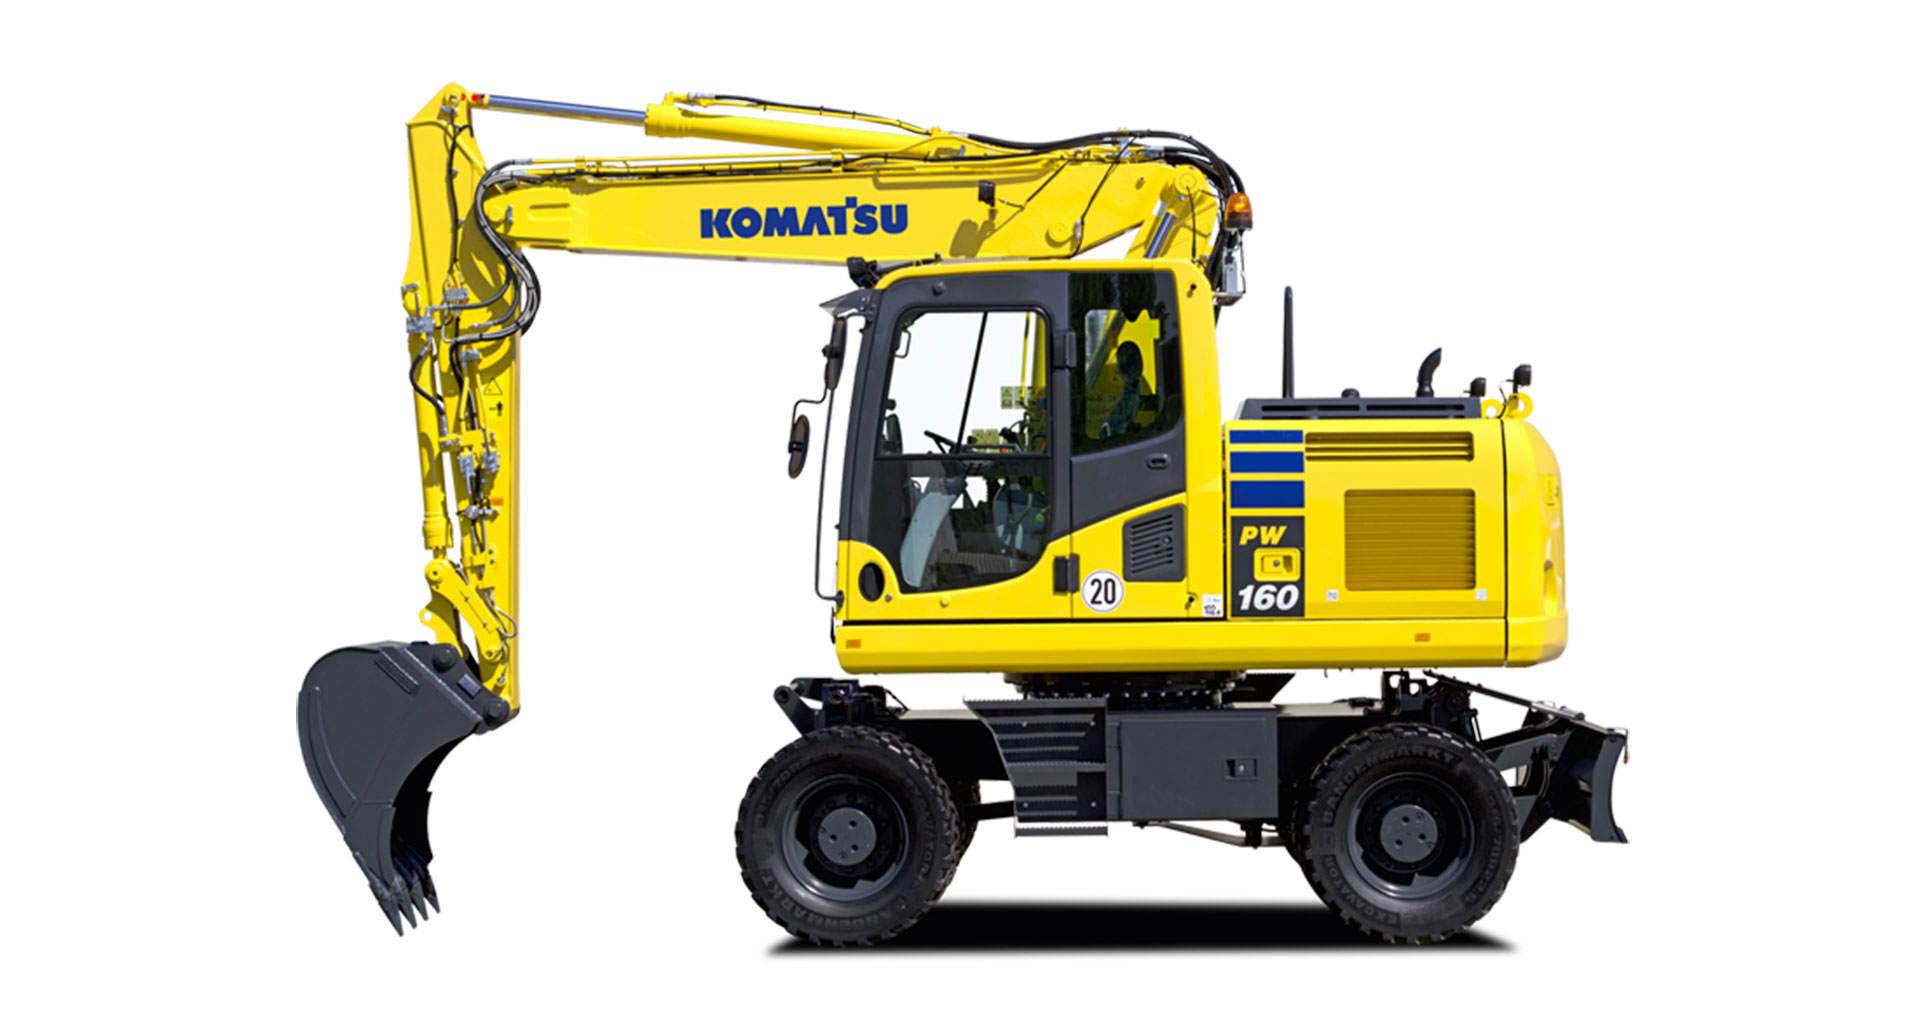 Escavatore gommato Komatsu PW160-10